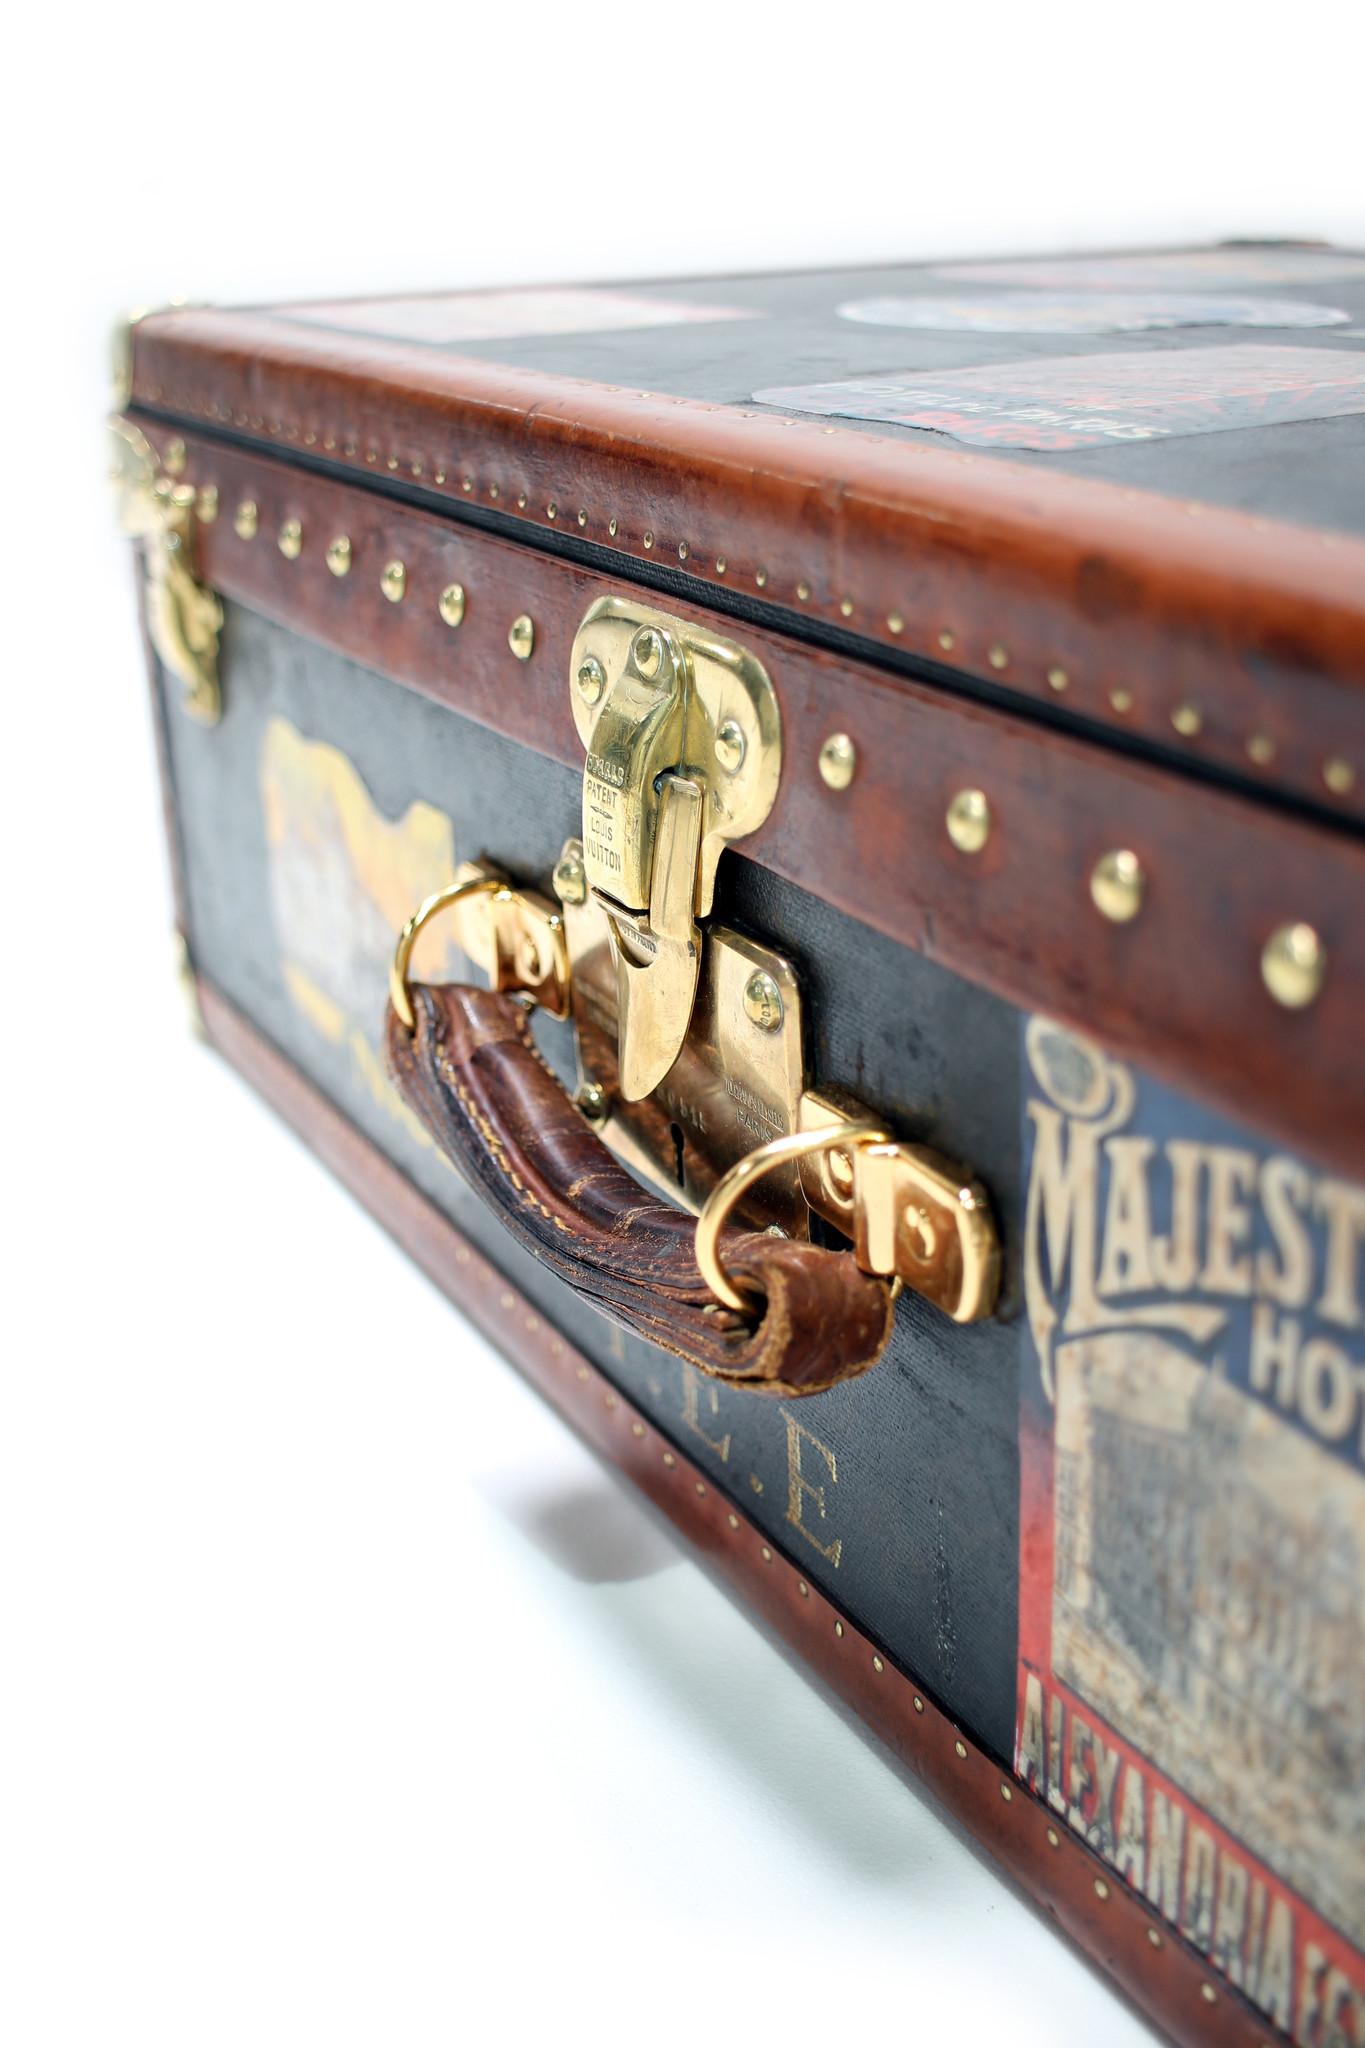 Vintage Louis Vuitton travel suitcase